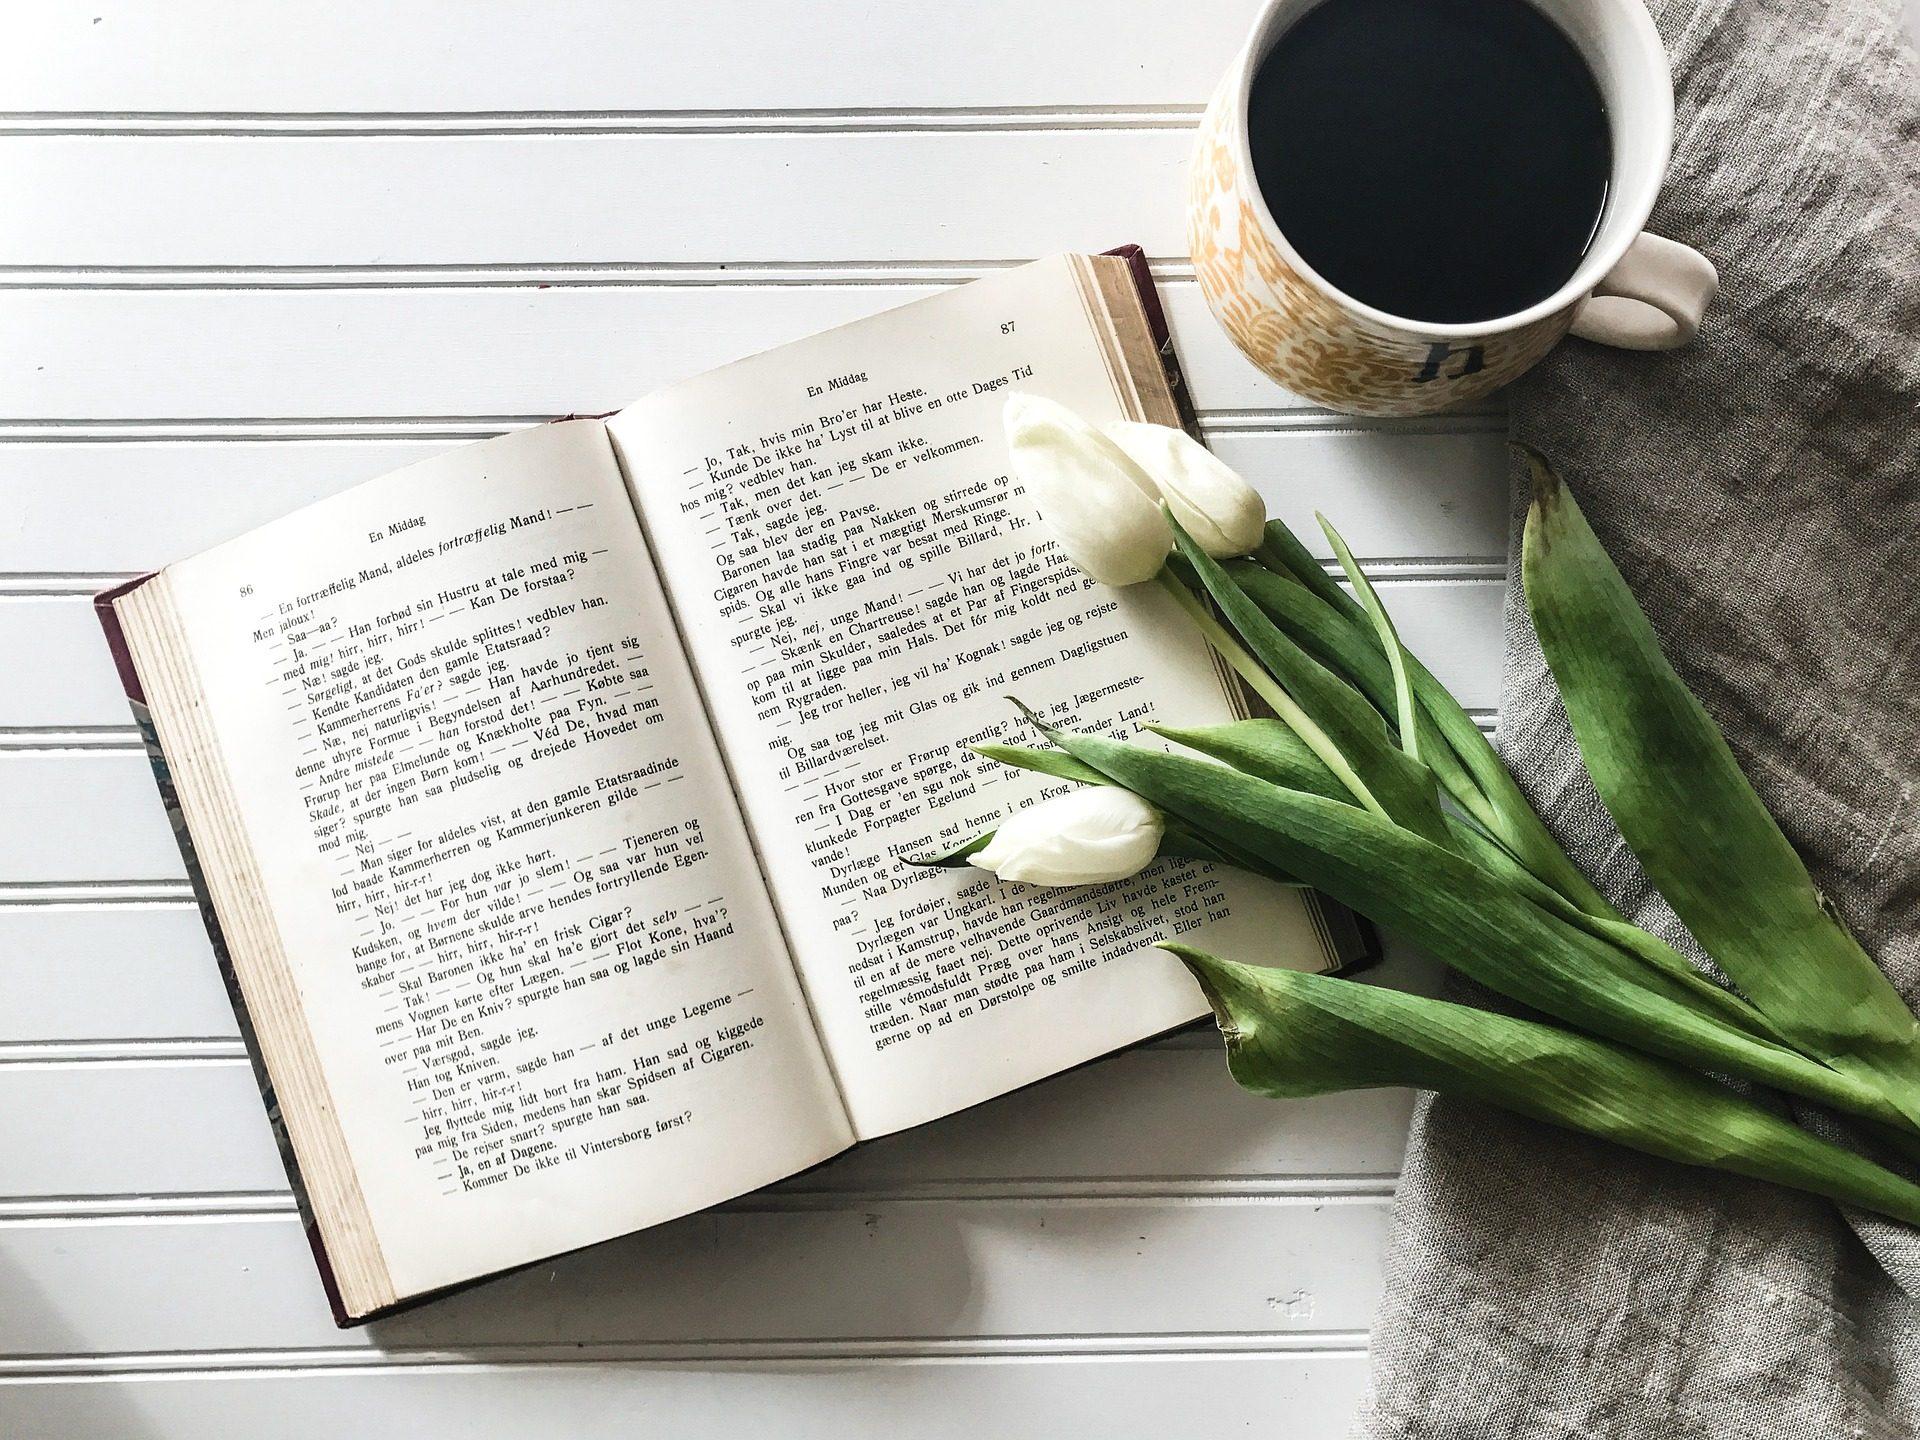 Βιβλίο, Κύπελλο, καφέ, πρωινό, λουλούδια - Wallpapers HD - Professor-falken.com